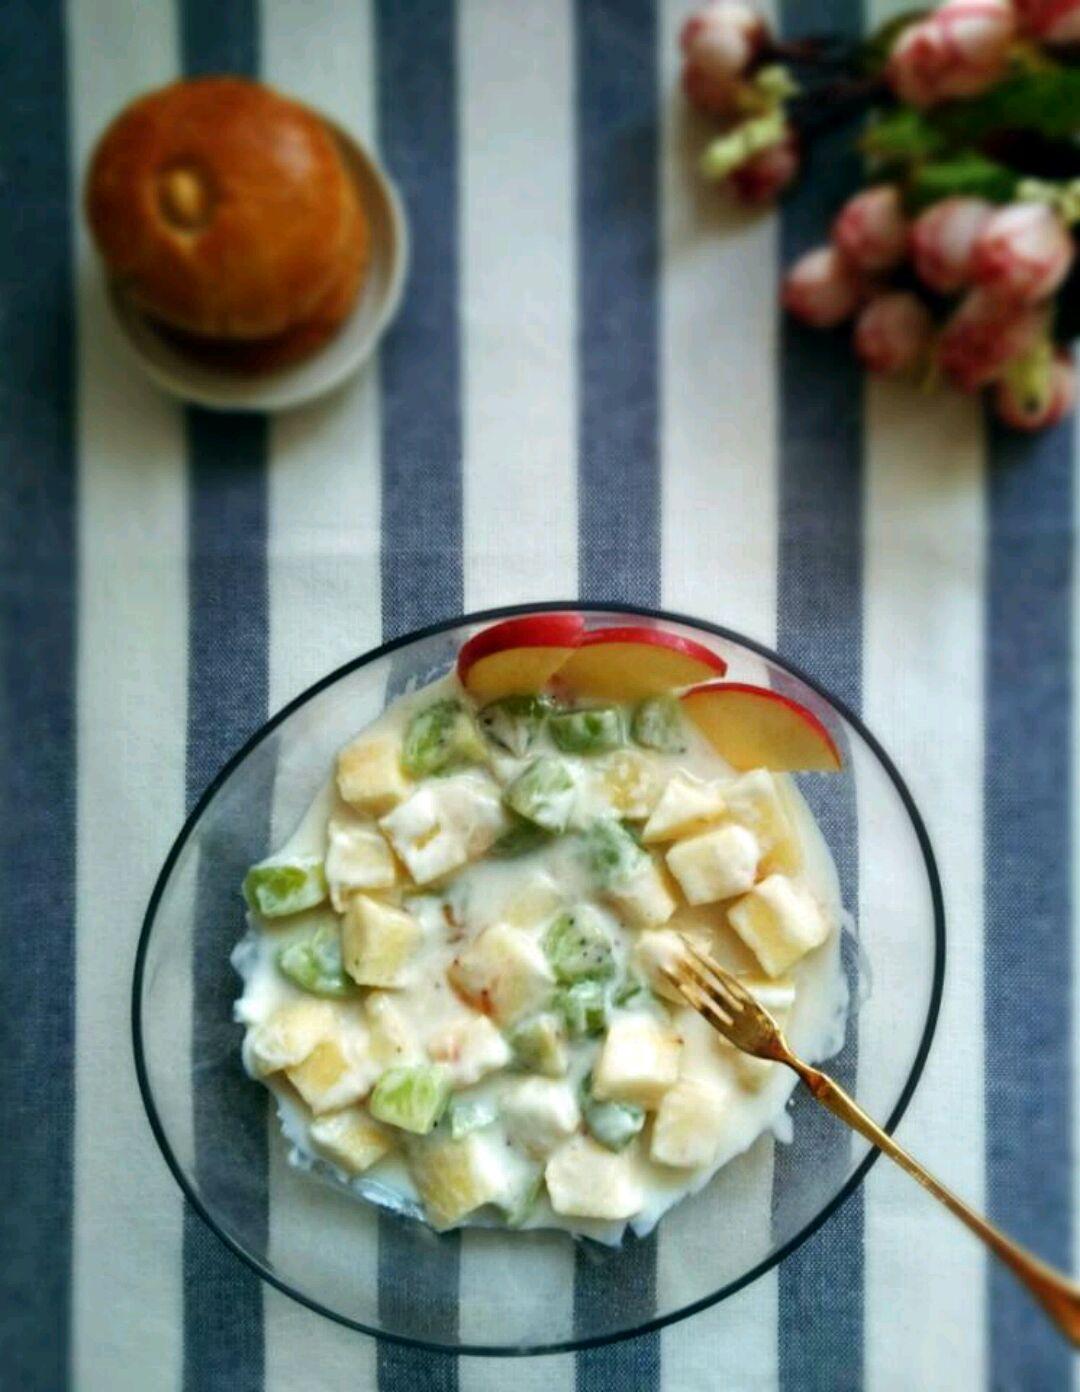 主料 水果沙拉的做法步骤 1.